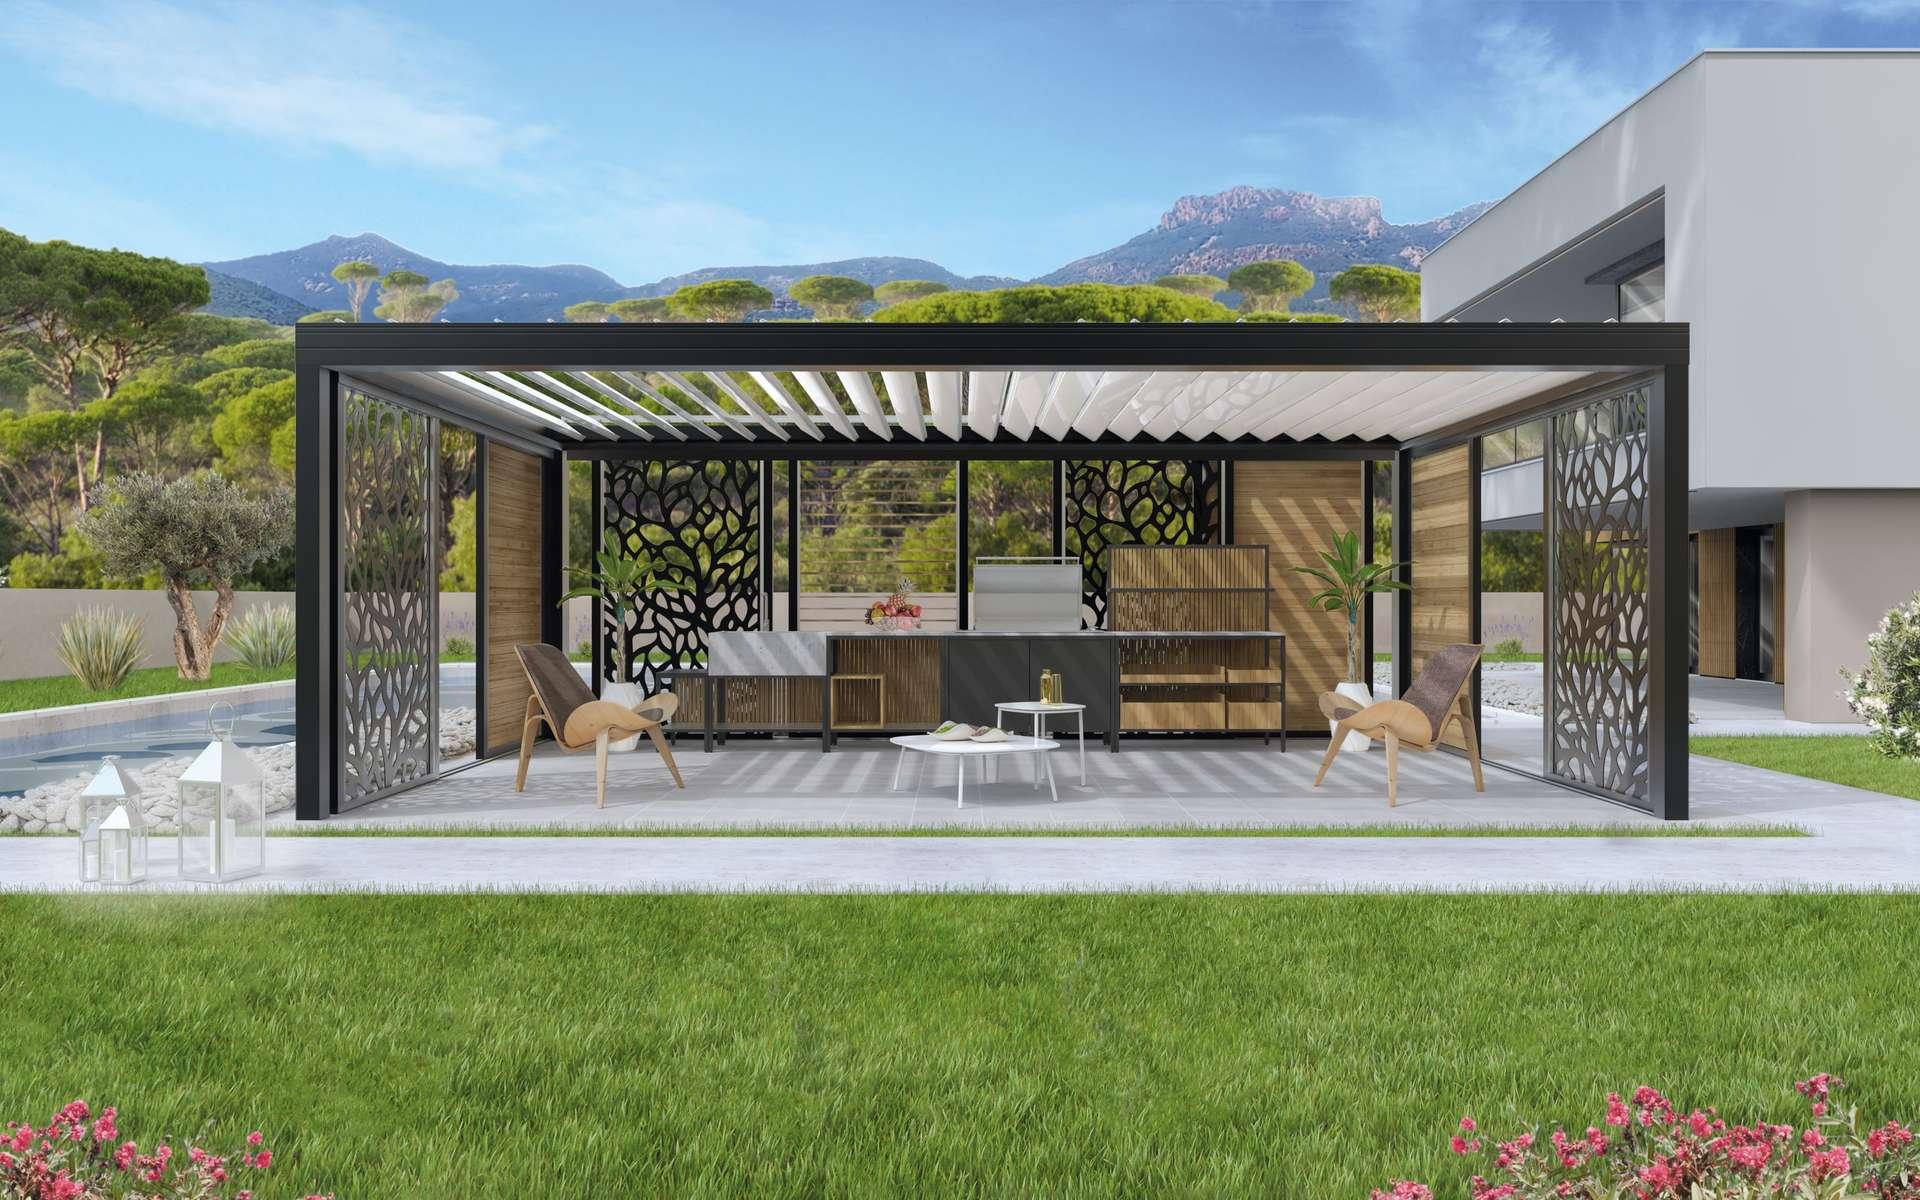 Véritable espace de vie, la pergola bioclimatique permet de profiter pleinement du jardin. Personnalisable, le modèle Biodesign d'Eléance peut couvrir une surface de 35 m2 sans avoir recours à des poteaux intermédiaires. © Eléance